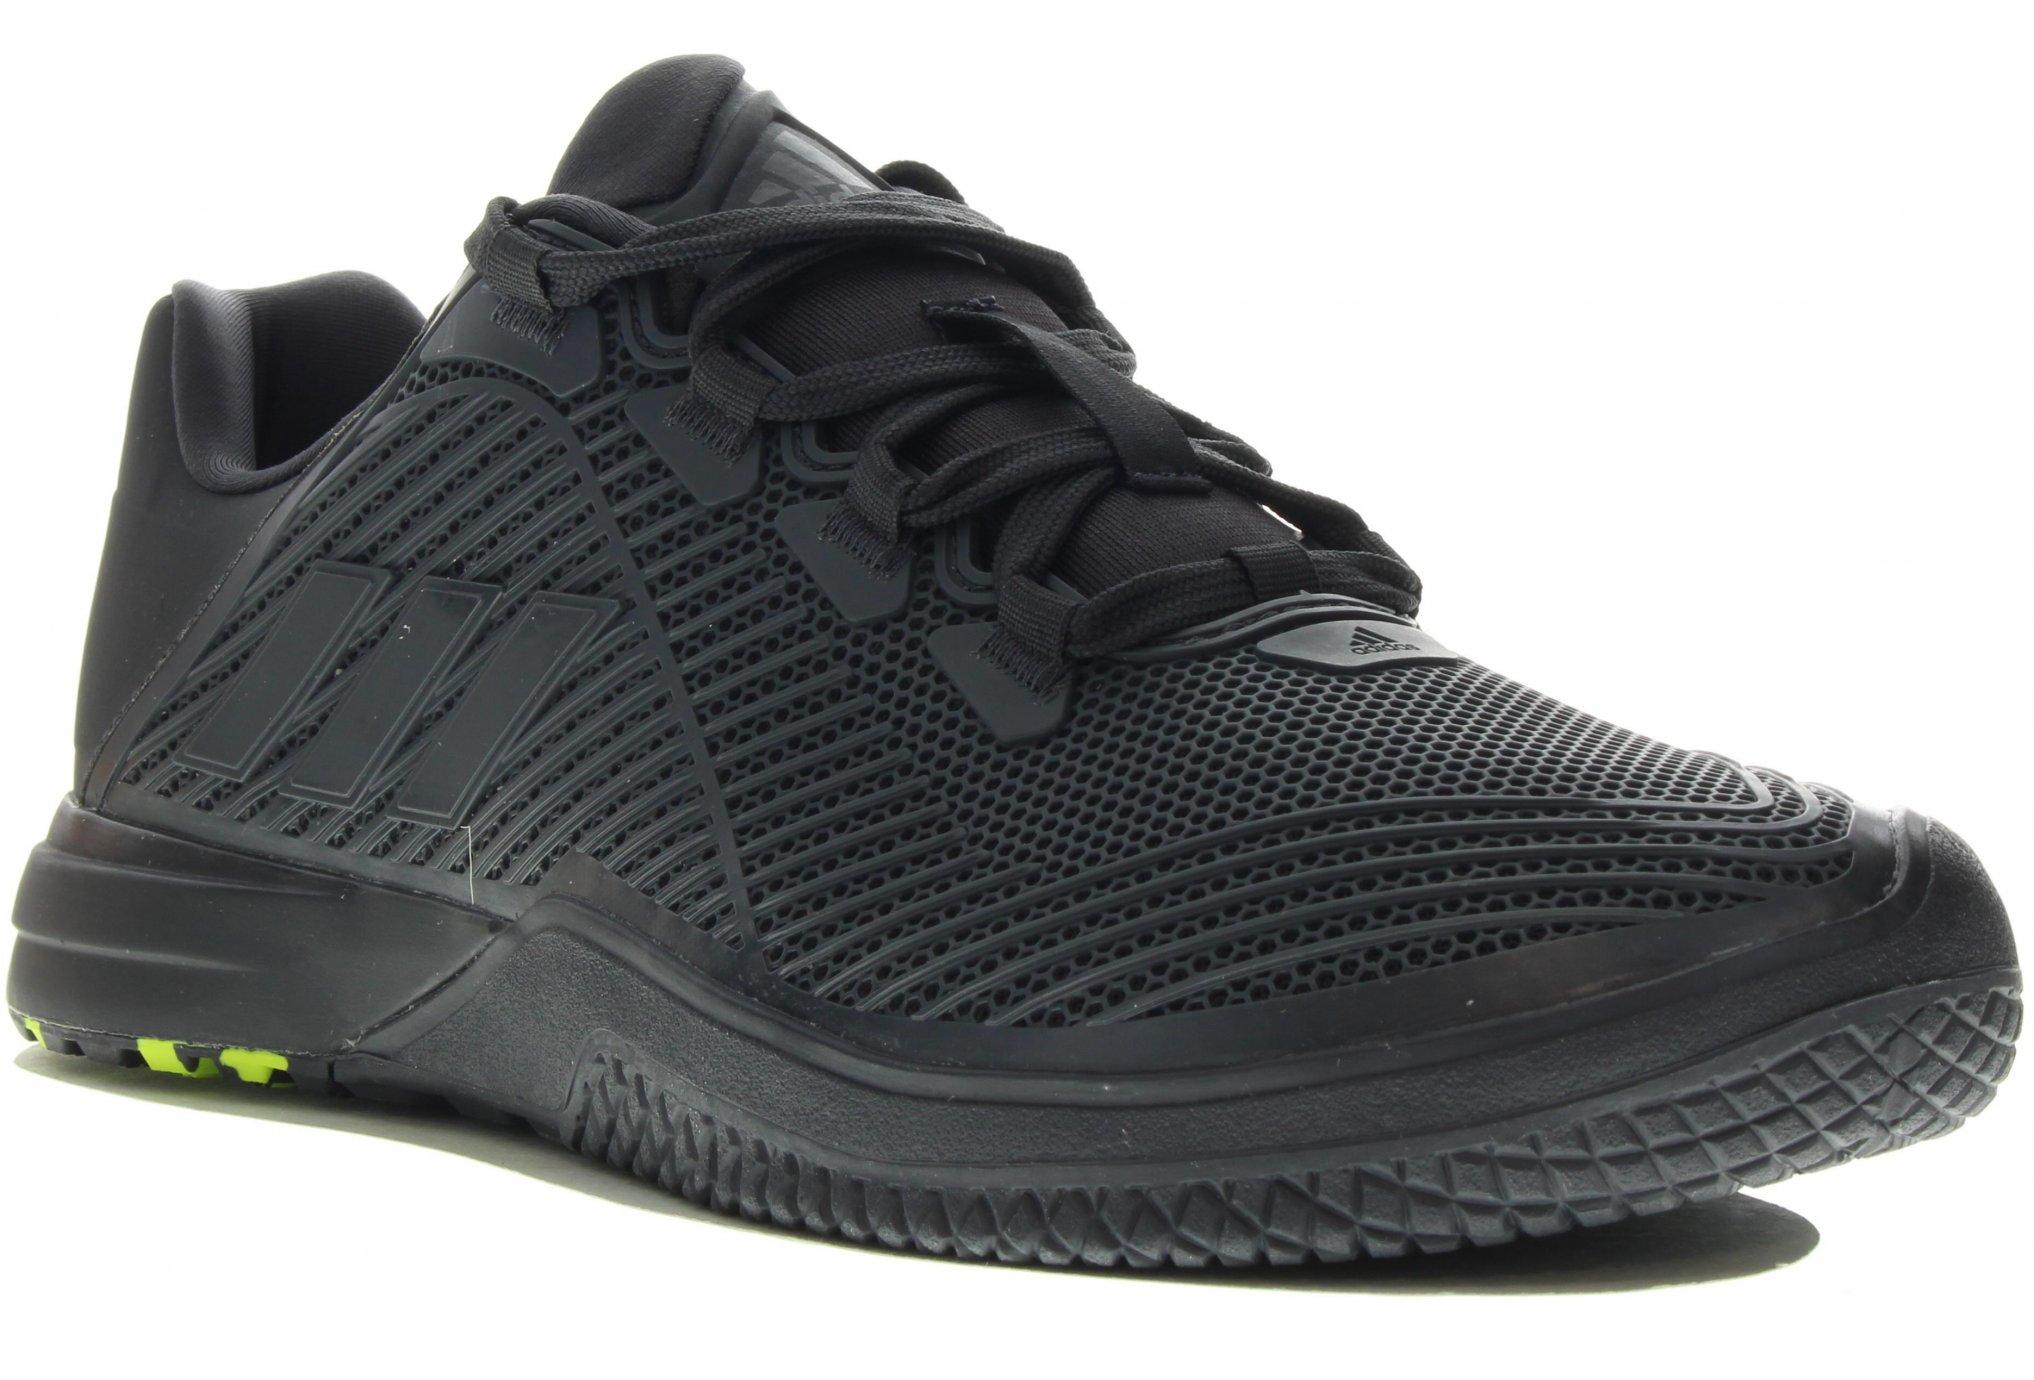 Adidas Crazypower trainer m diététique chaussures homme